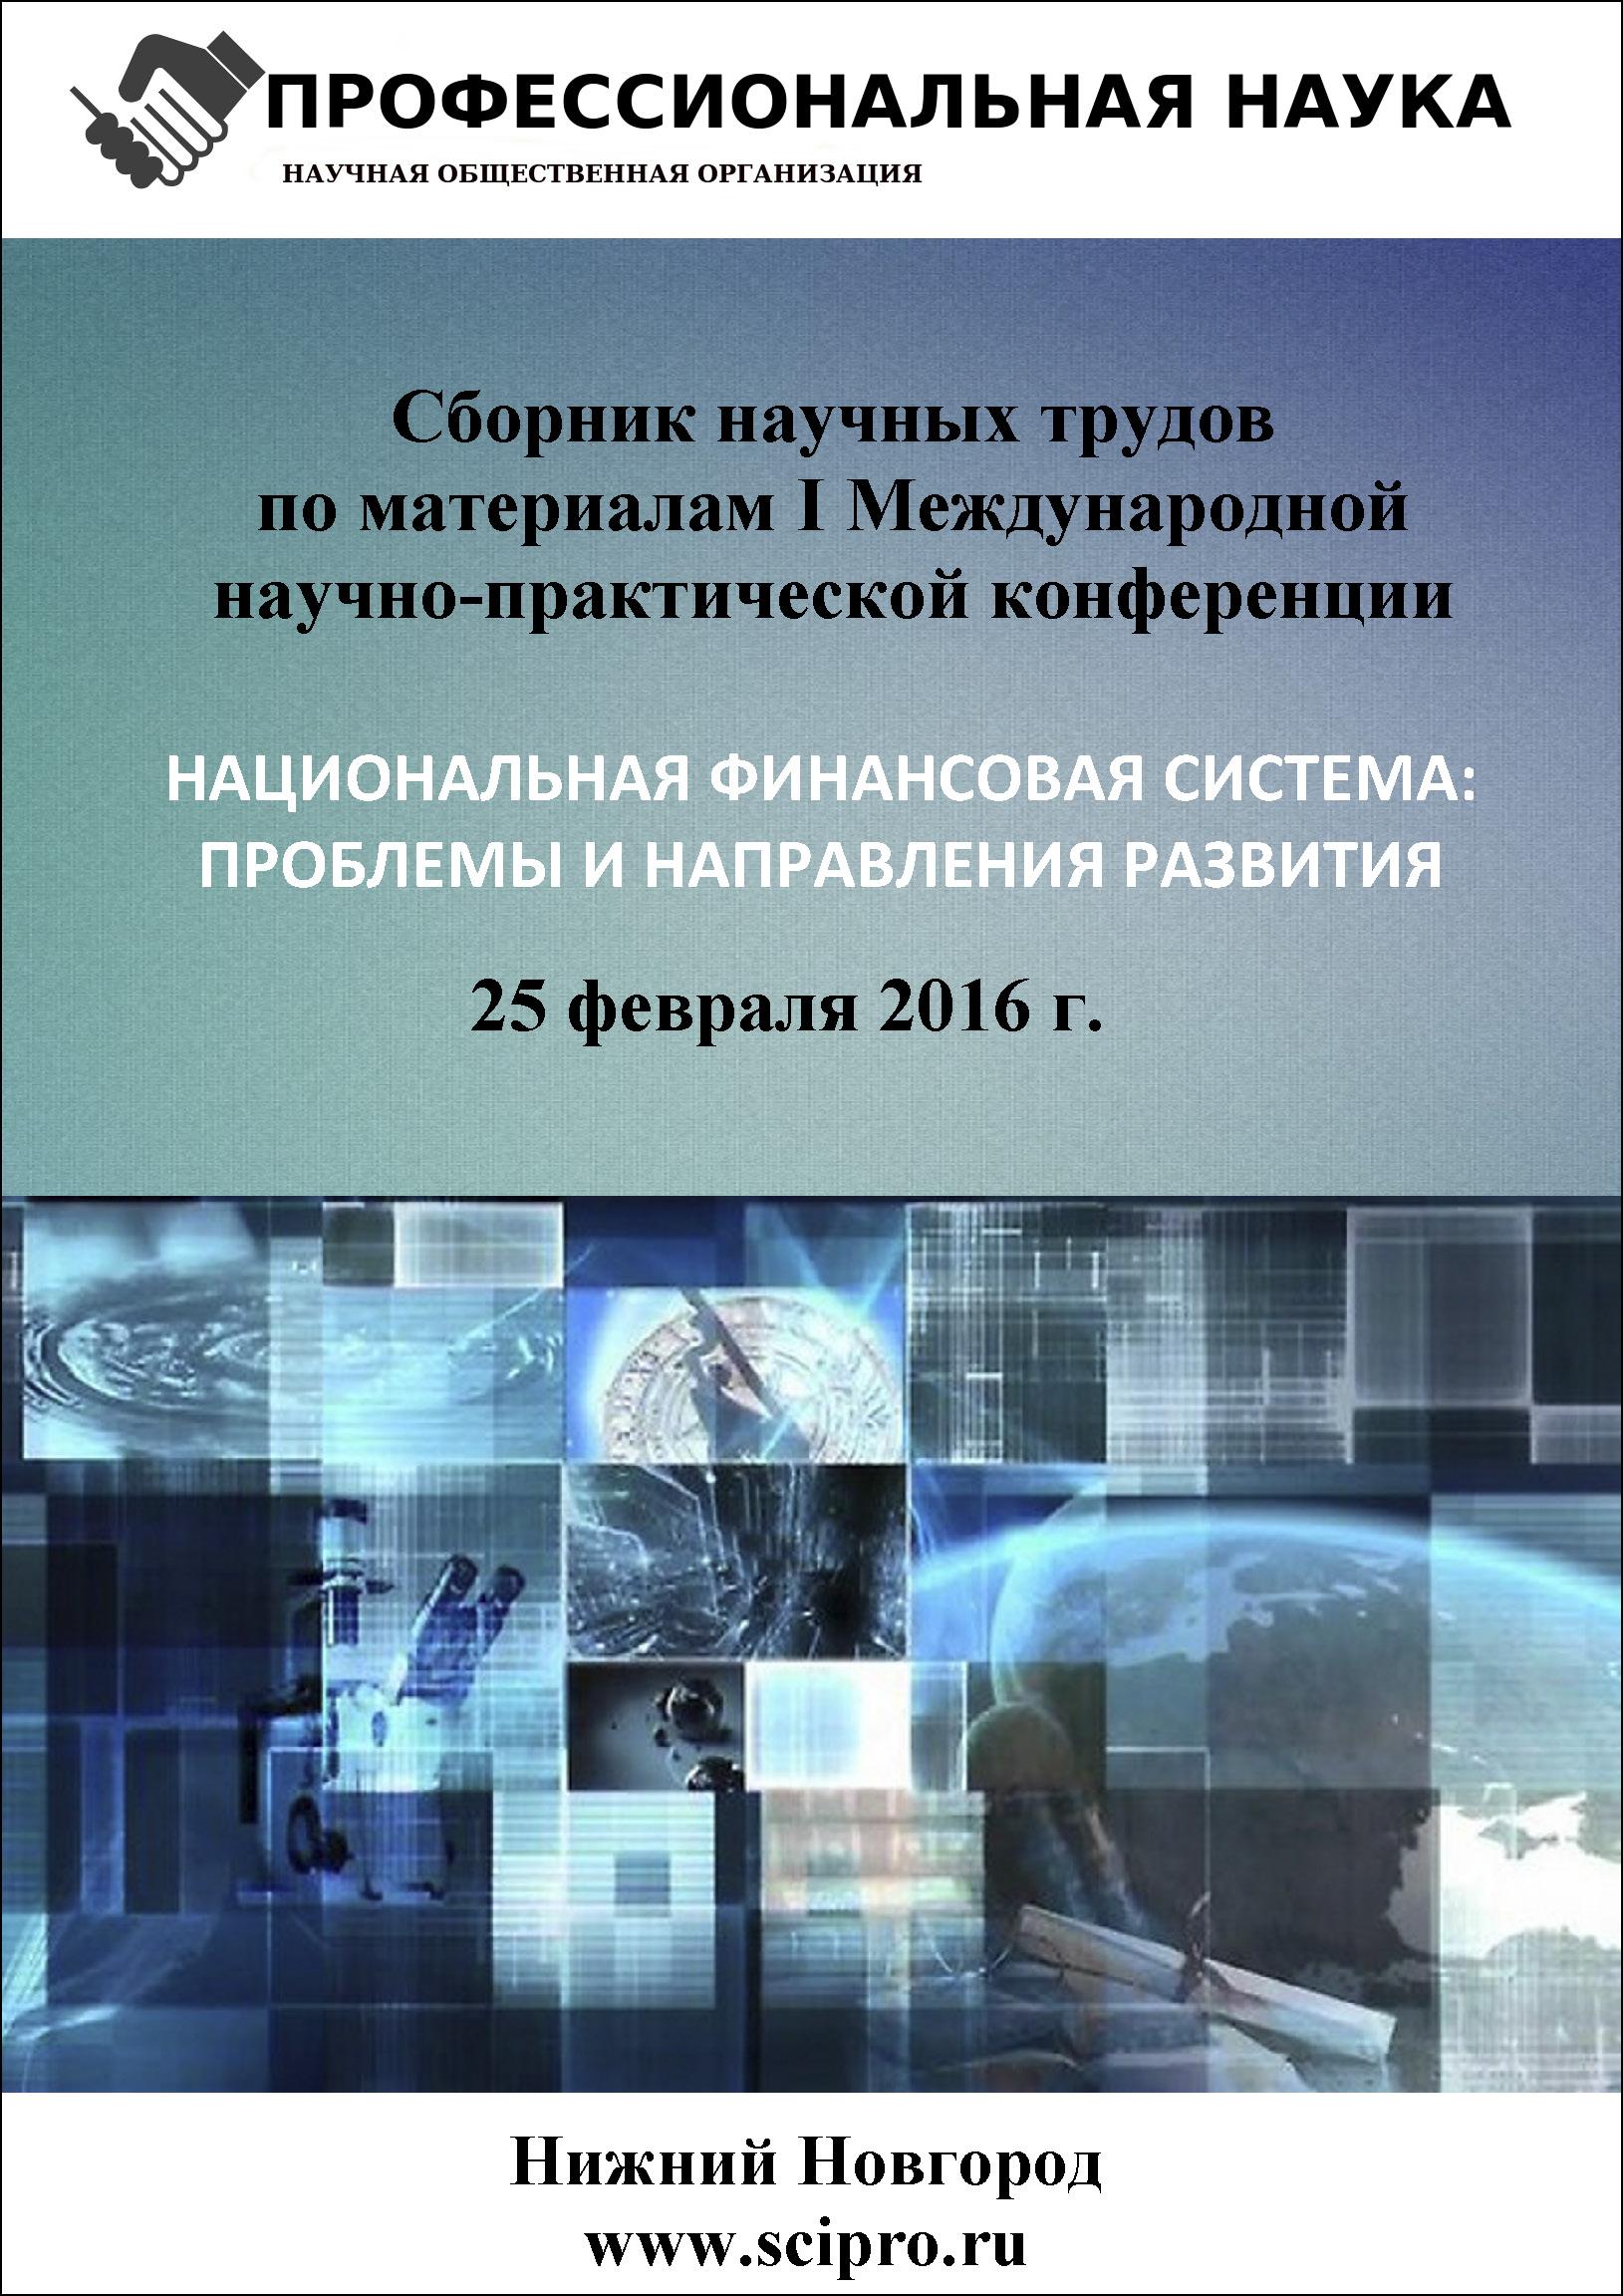 """Международная научно-практическая конференция """"Национальная финансовая система: проблемы и направления развития""""."""